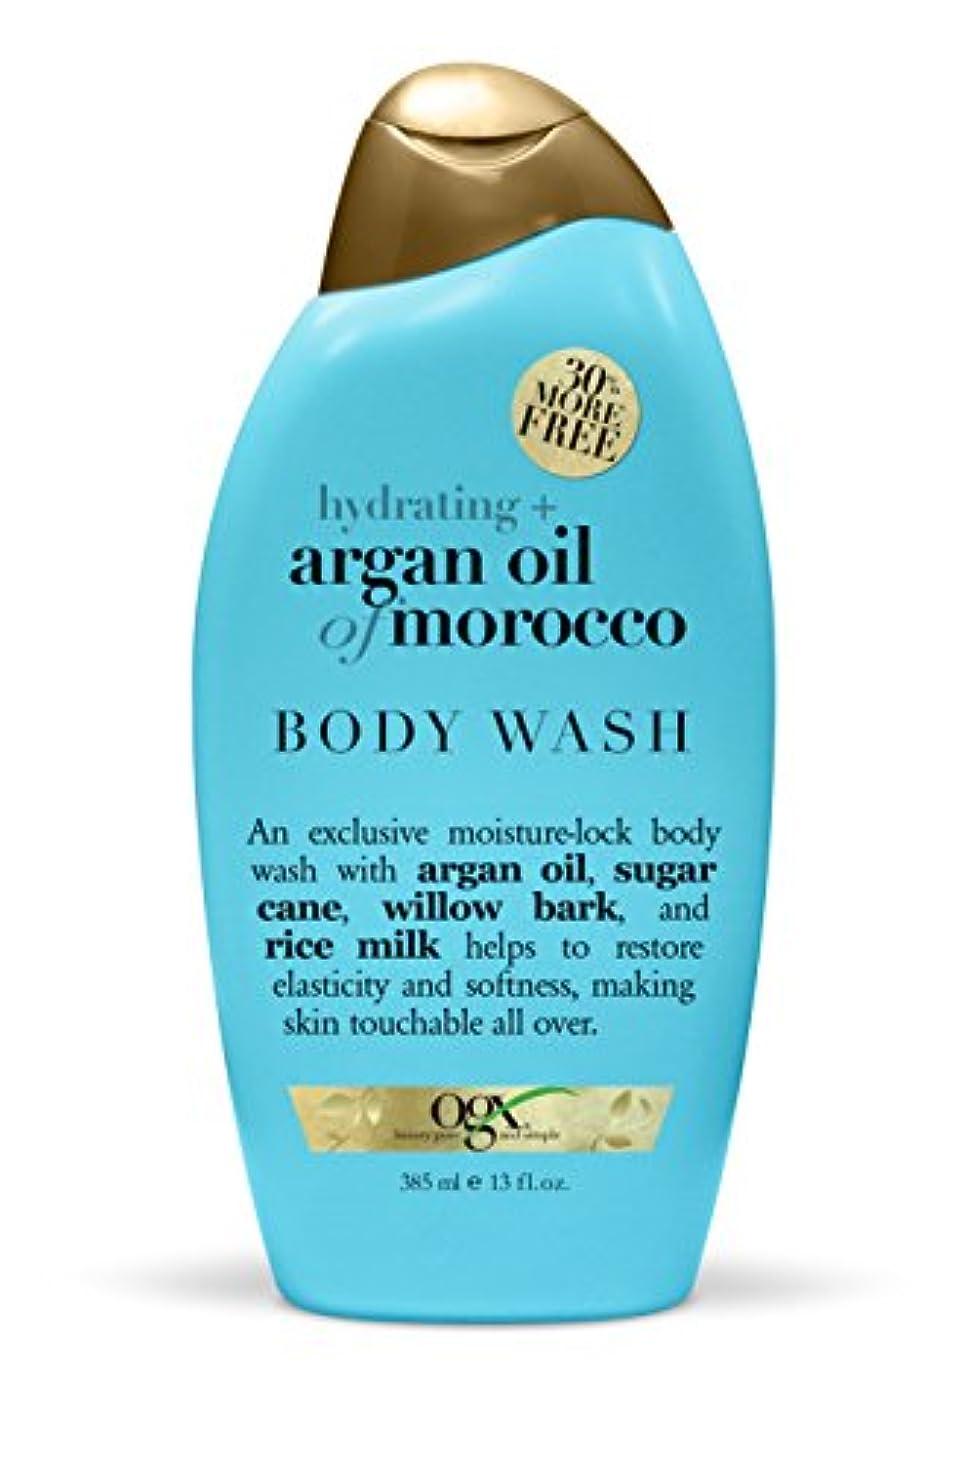 アクセス調和のとれた幸福Organix Body Wash Moroccan Argan Oil 385 ml (Hydrating) (並行輸入品)